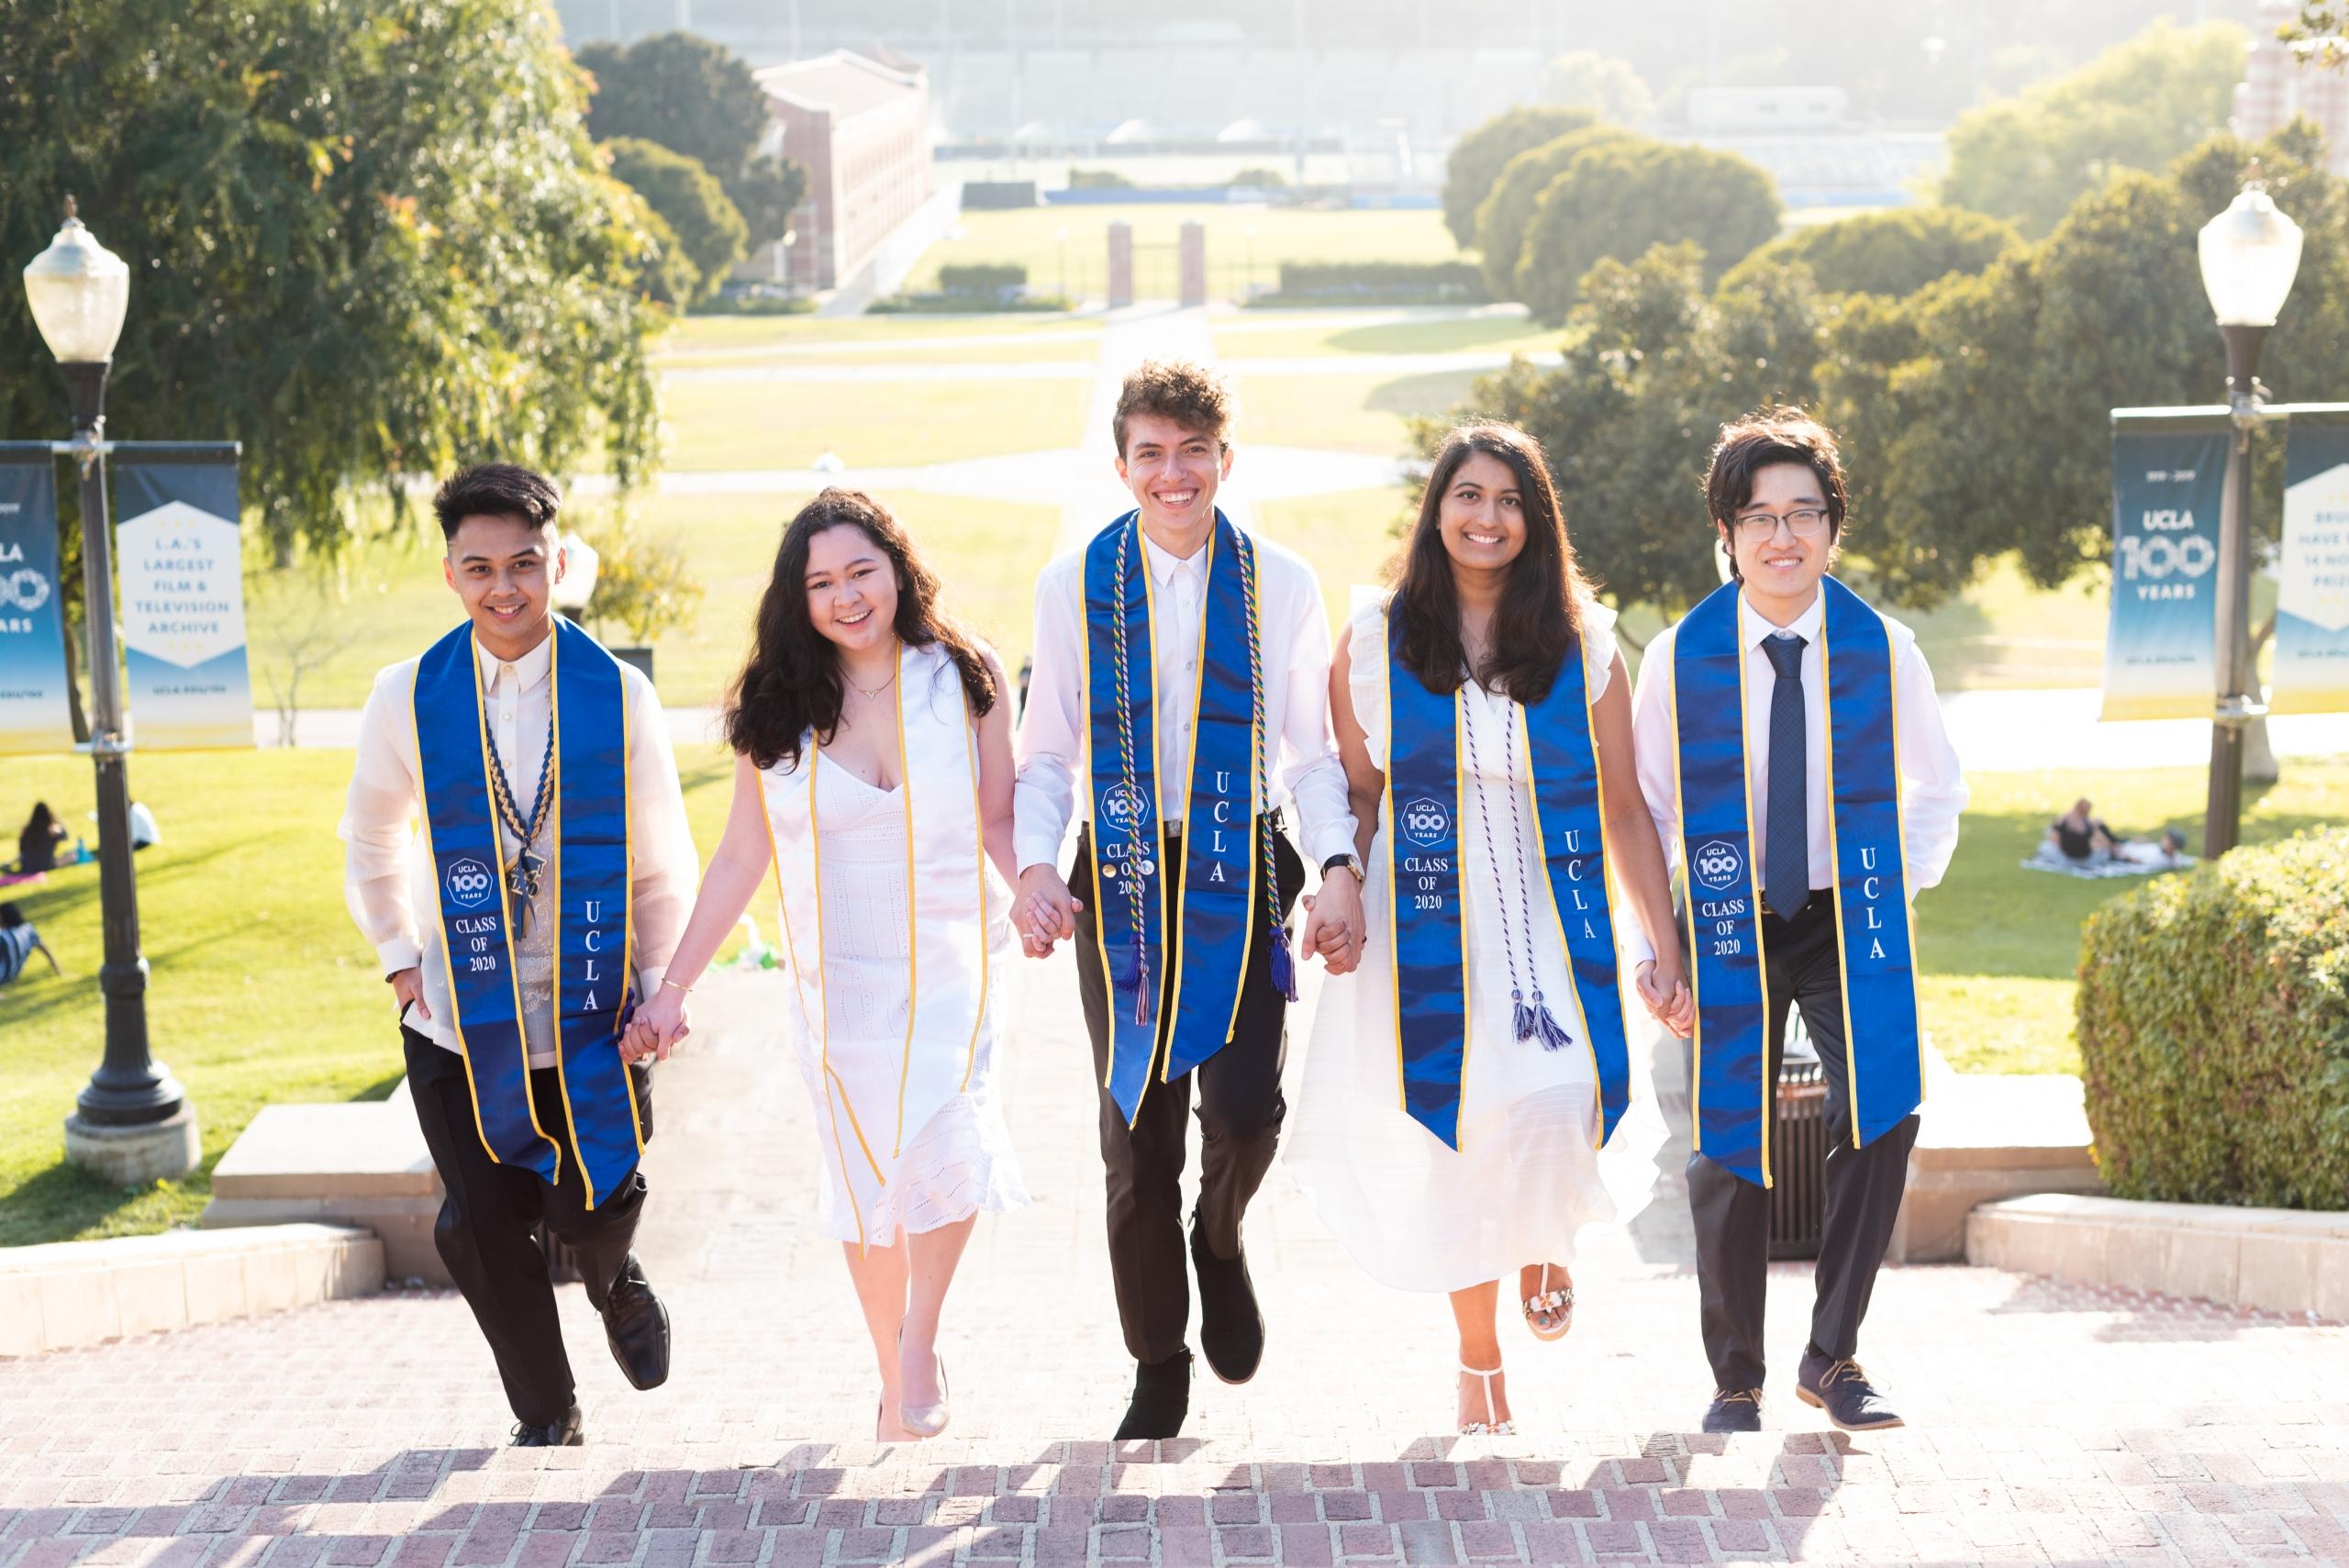 2019-20 PDT Cohort: Byron, Raph, Sarah, Aashi + Josh